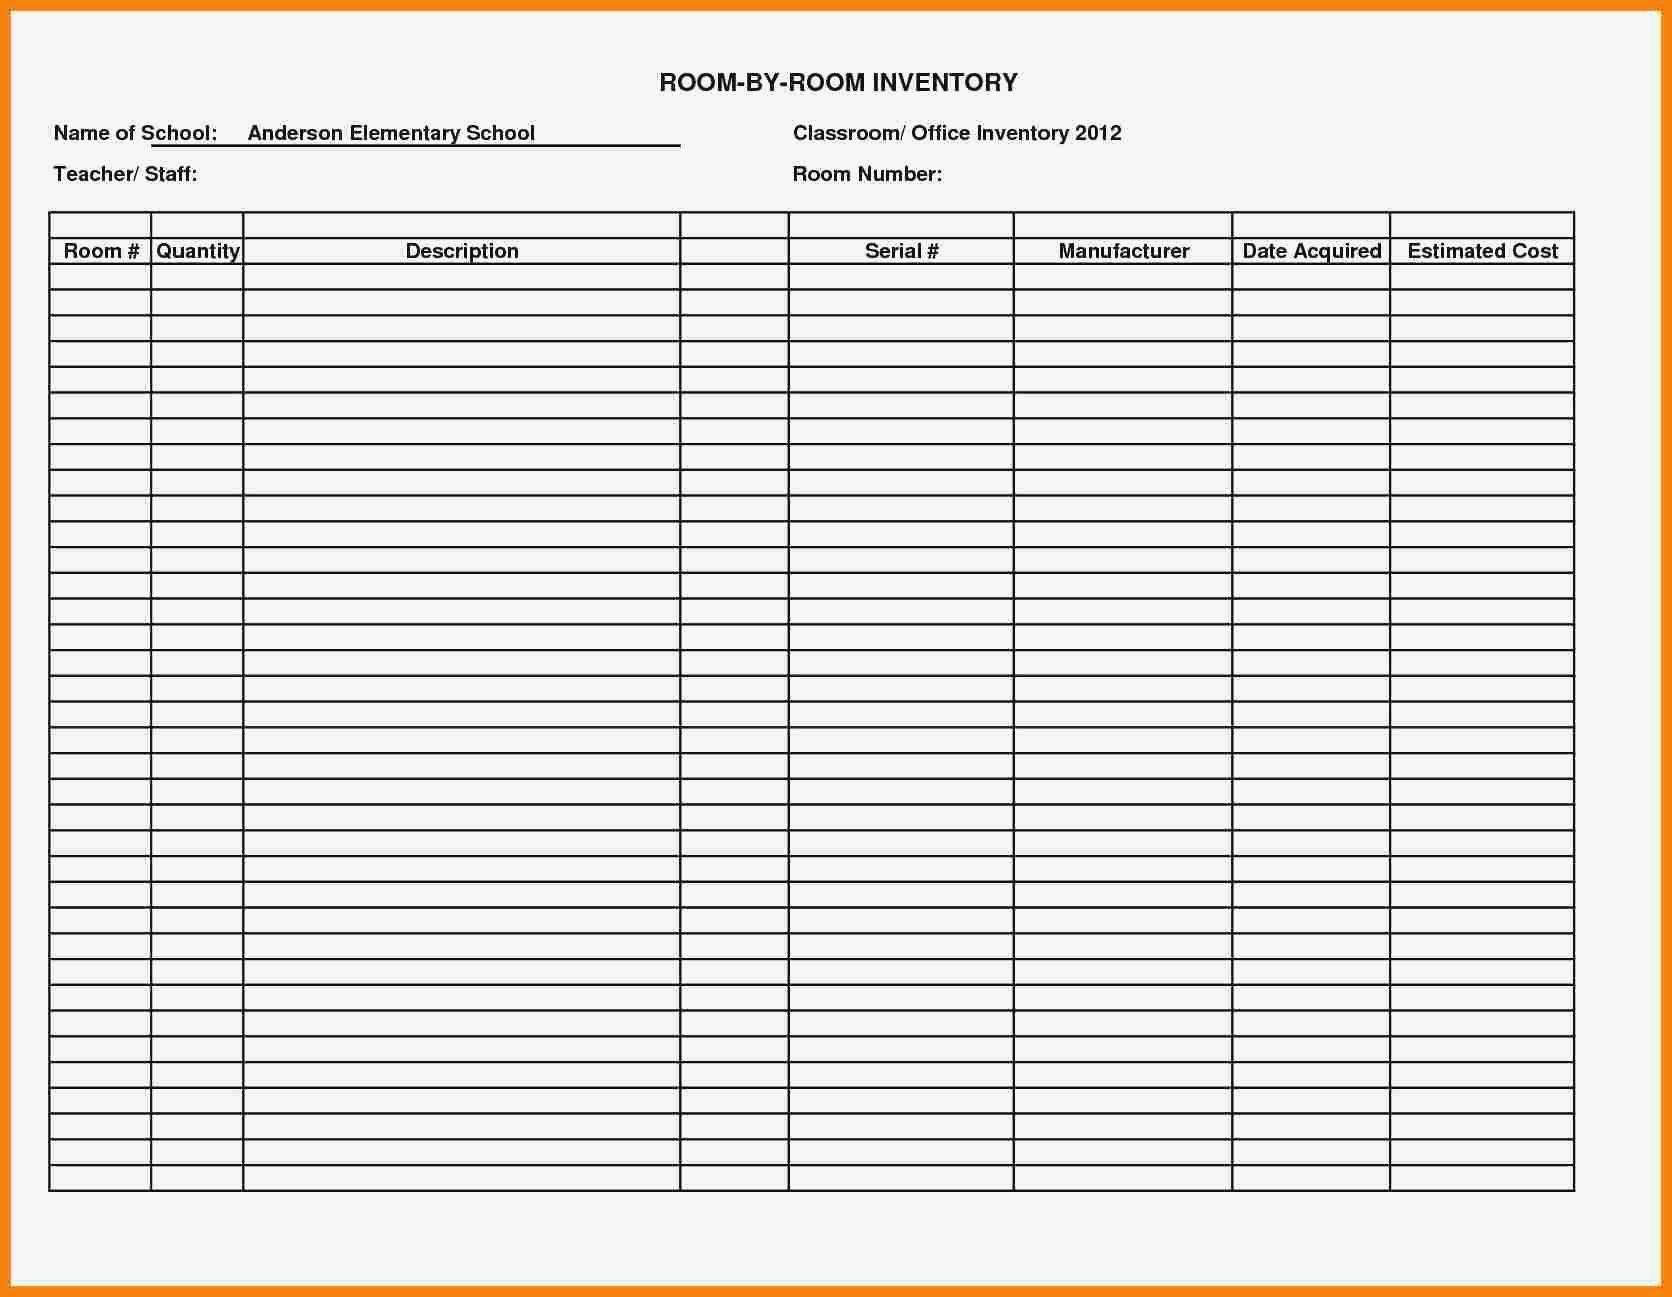 Journal Spreadsheet Template intended for Journal Entry Template Excel Best Of New Stock Transfer Ledger